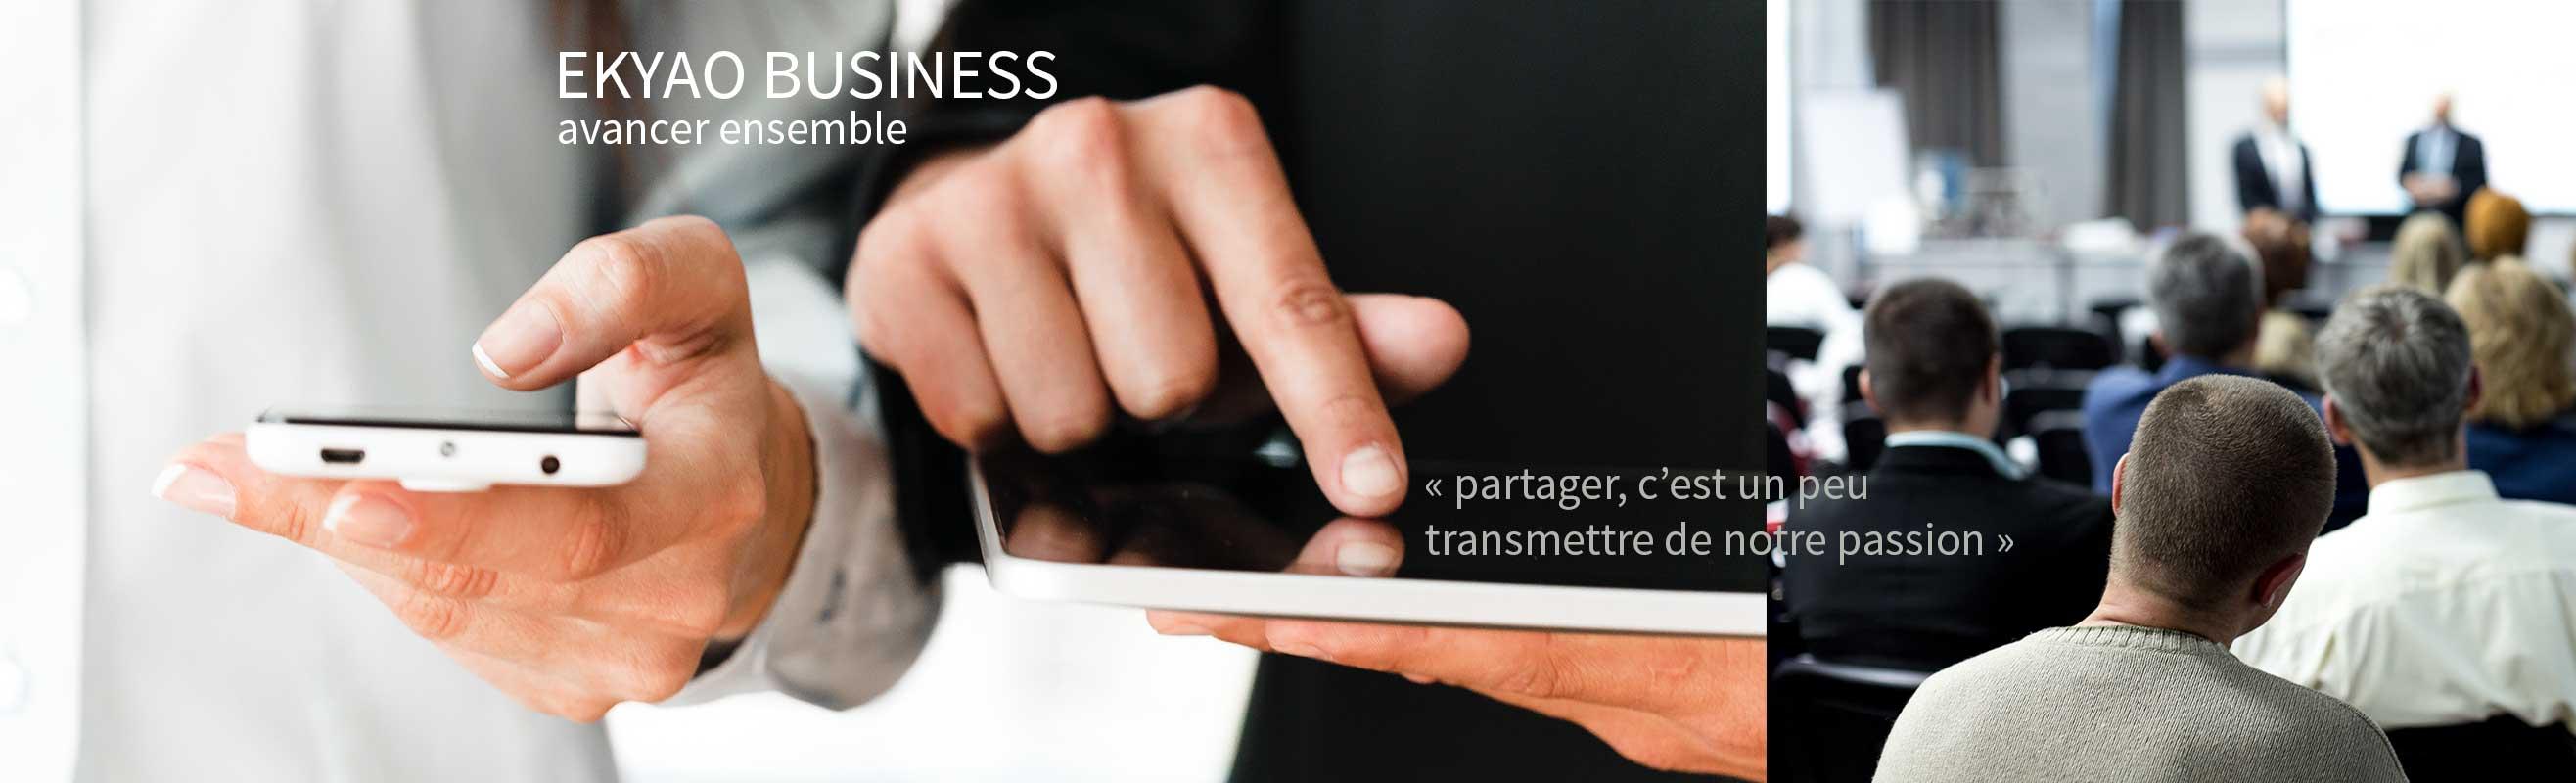 Ekyao Business Partenaires. Partager, c'est un peu transmettre de notre passion